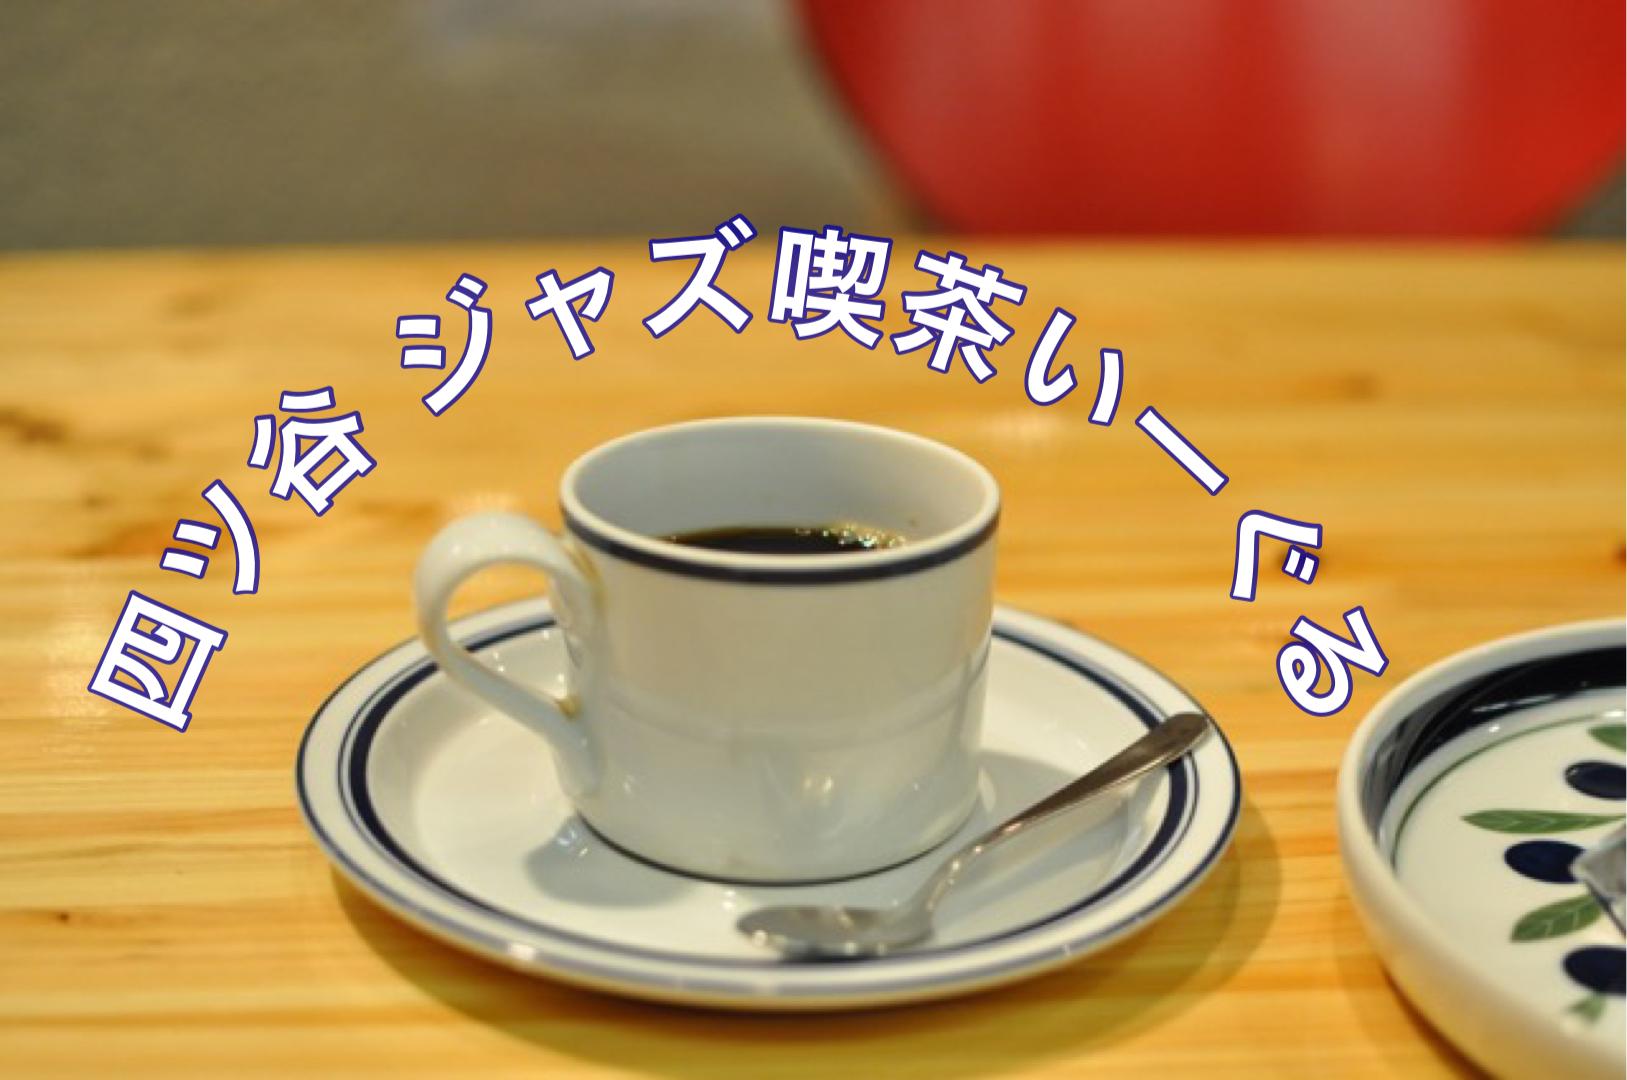 四ツ谷 ジャズ喫茶いーぐる